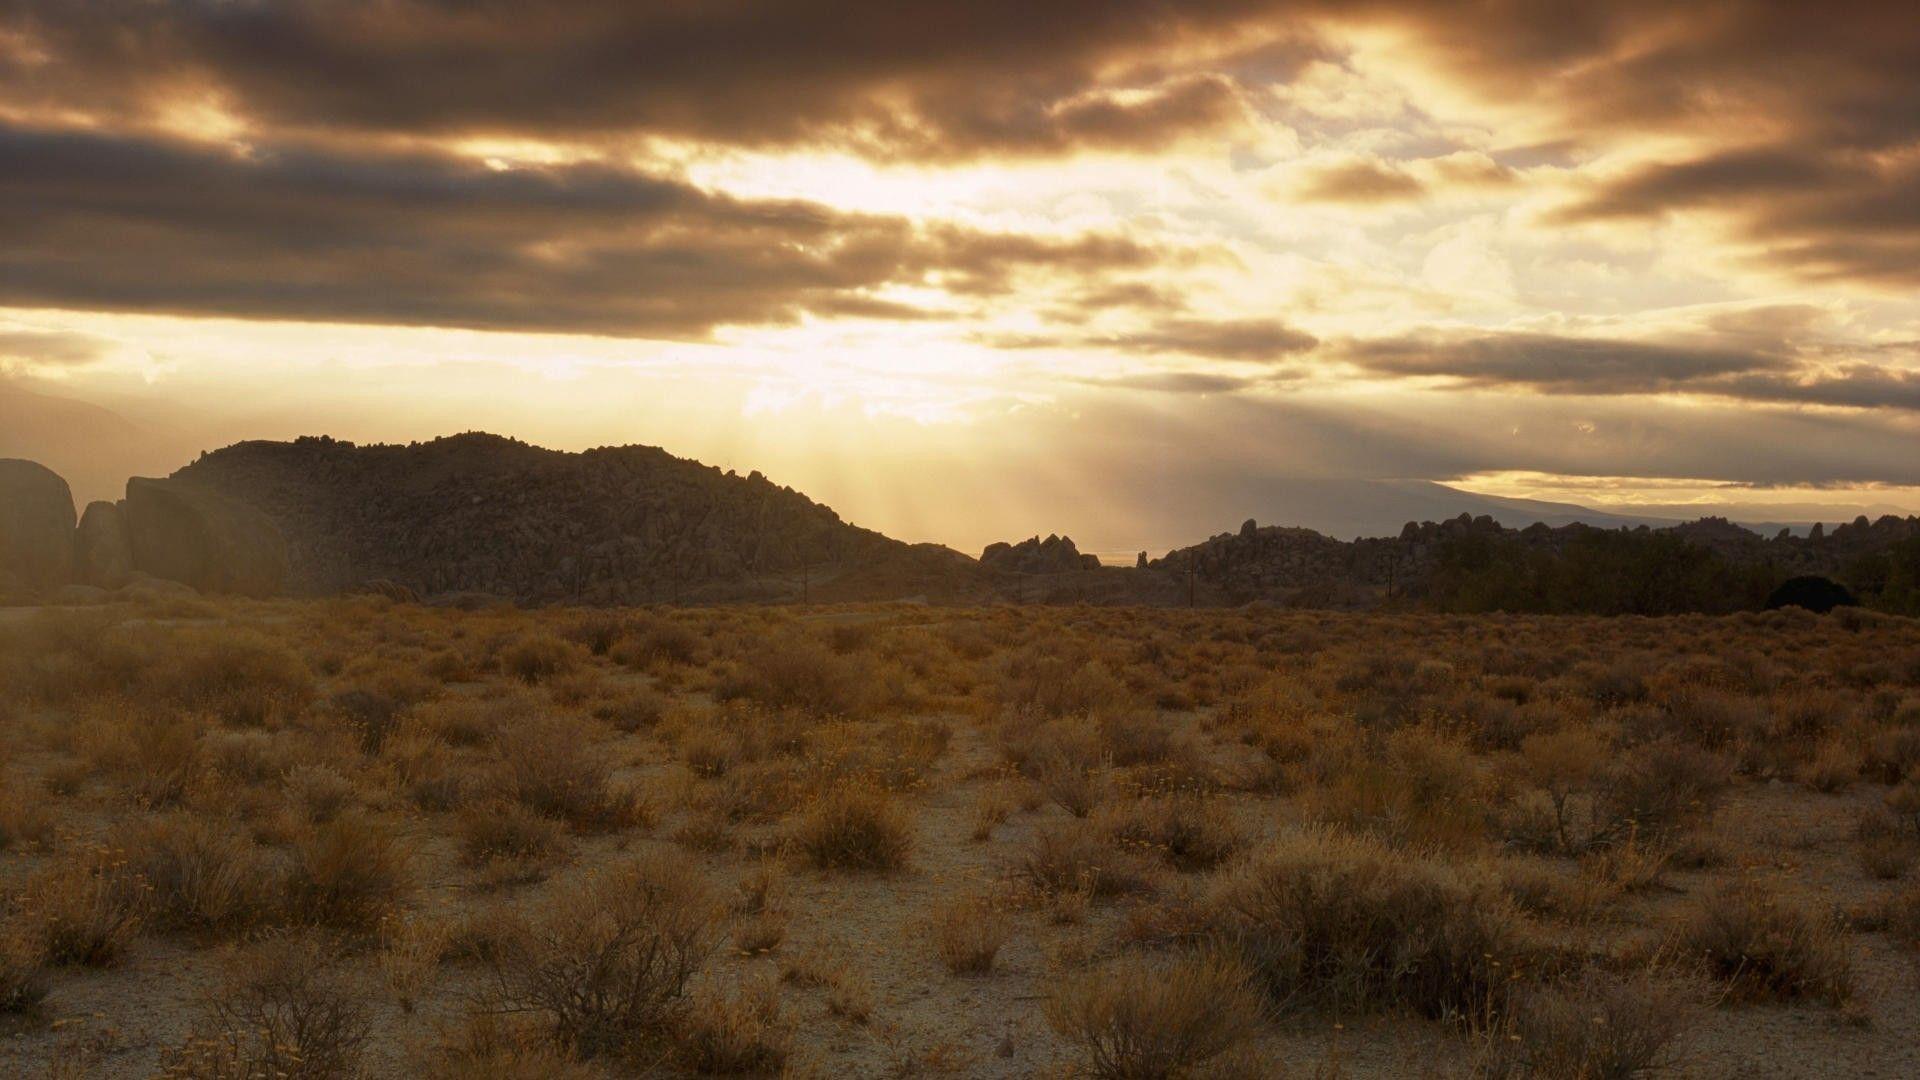 Desert Foothills Landscape good background